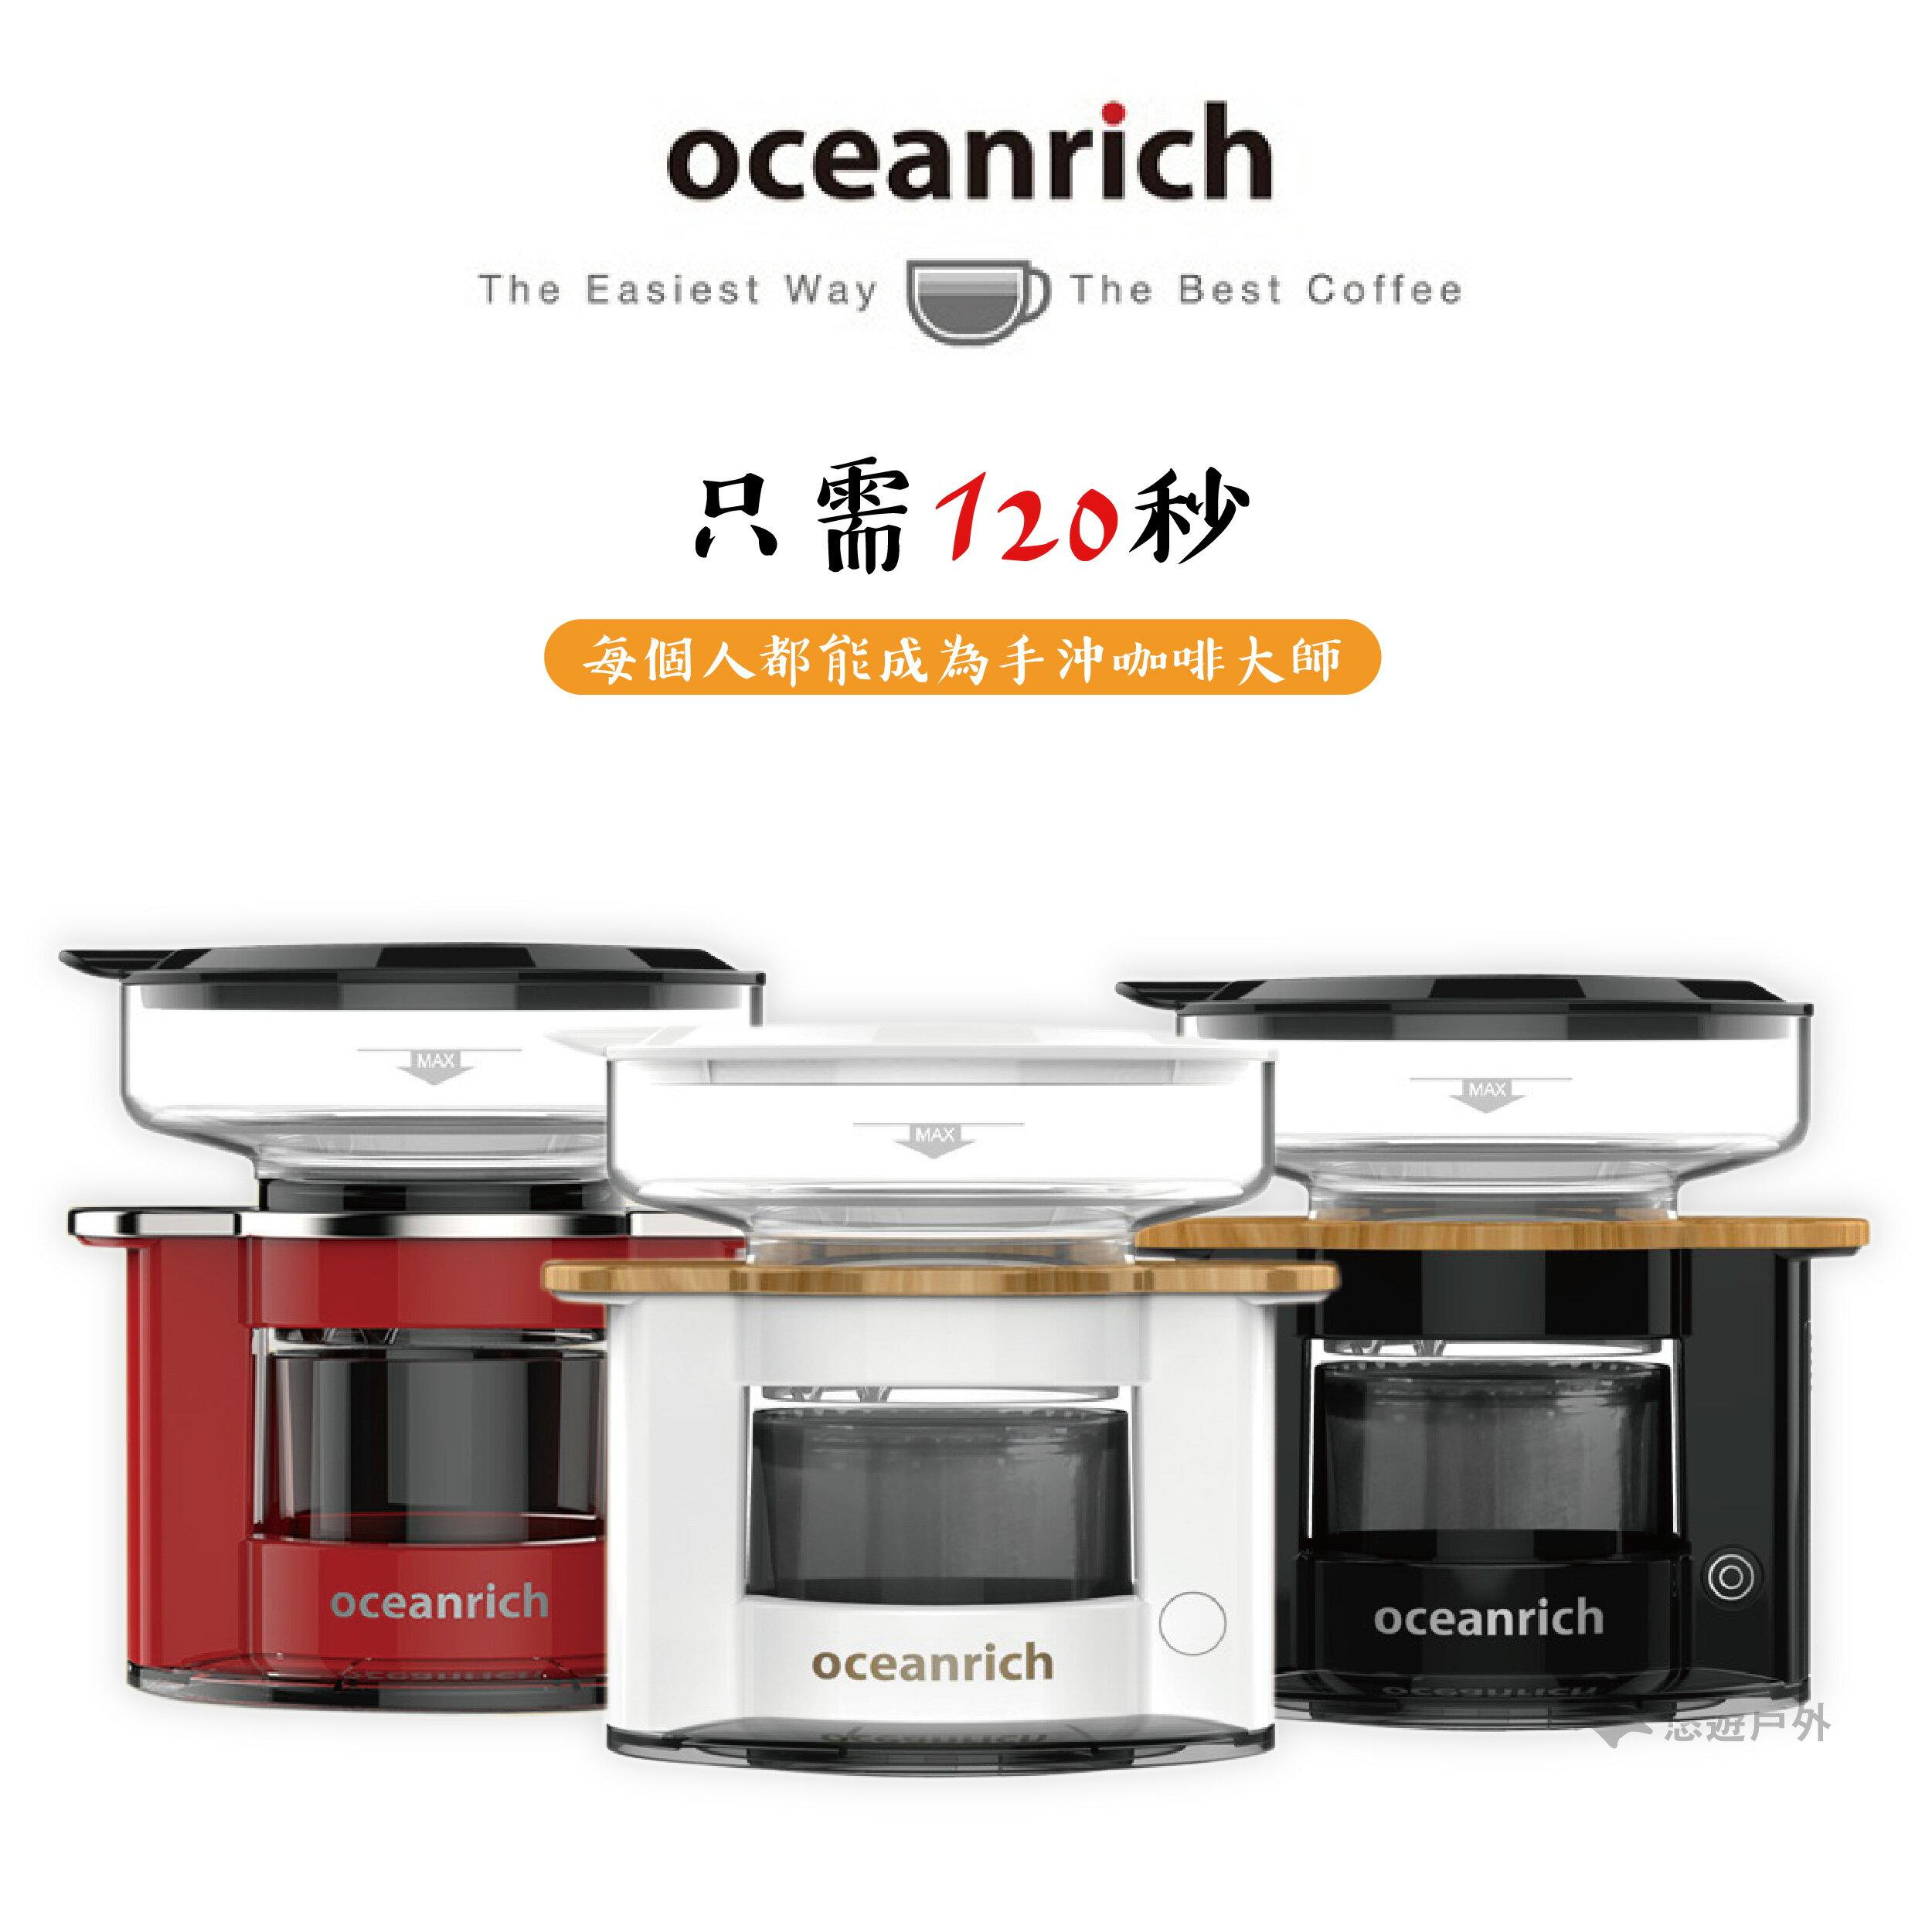 【贈咖啡濾紙】免運公司貨 Oceanrich 迷你咖啡大師 單杯萃取 旋轉 咖啡機 S2 便攜 手沖咖啡 mini